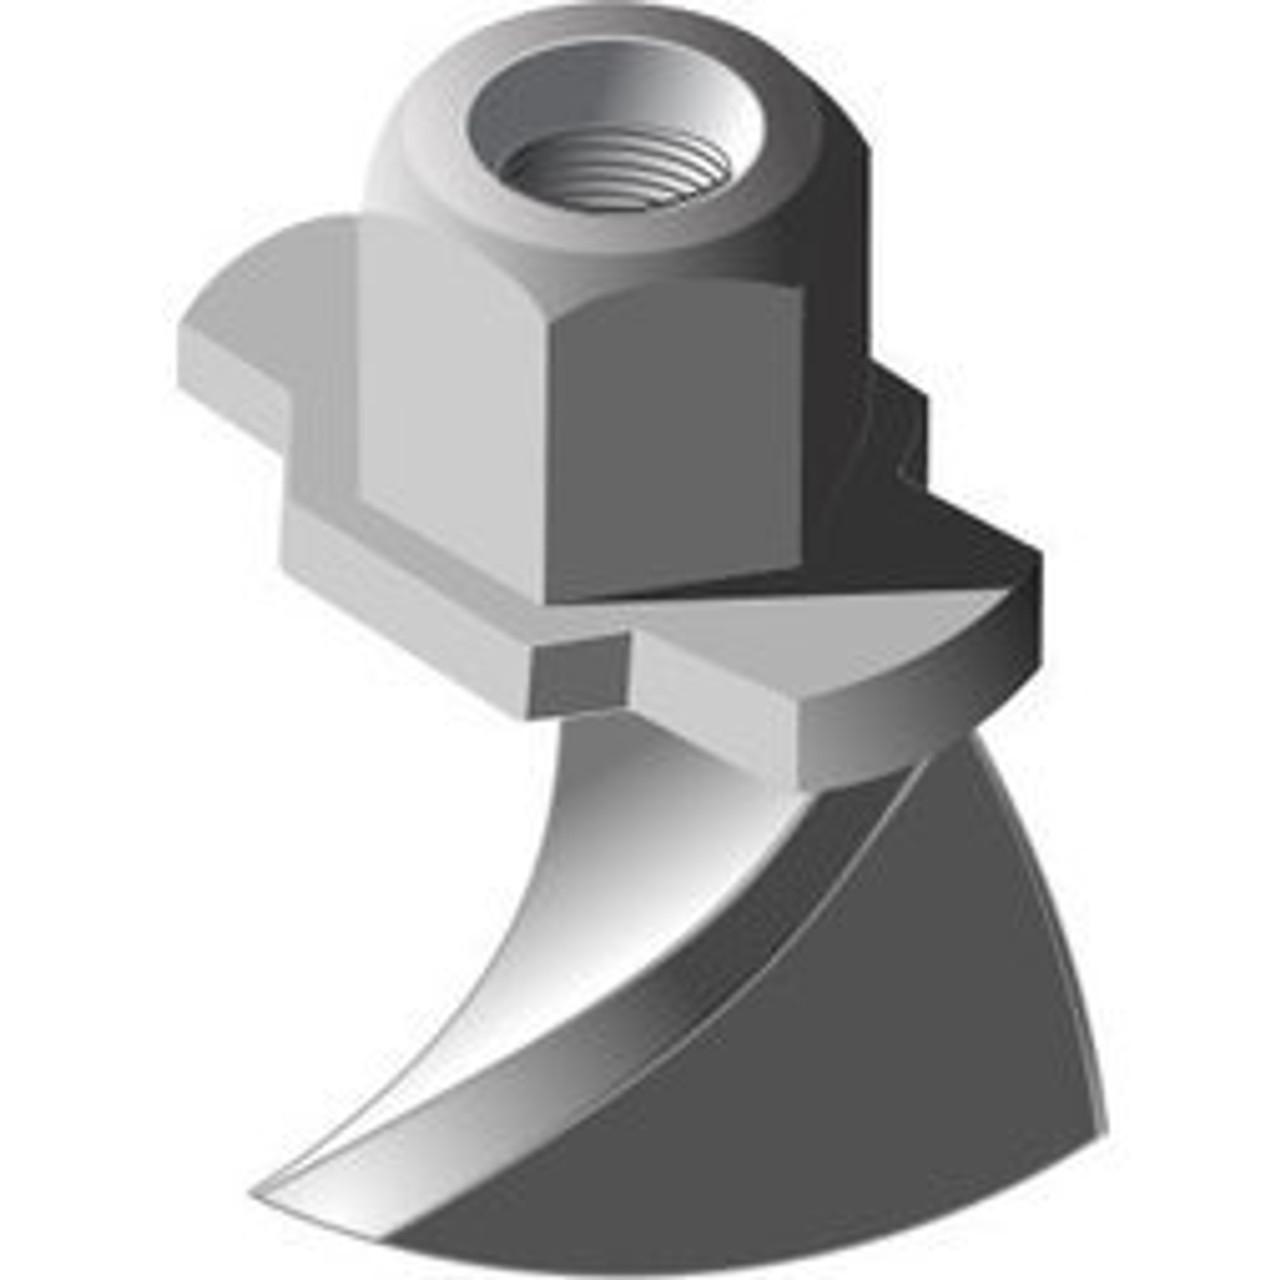 Anchor - Spirafix 40mm AC Type